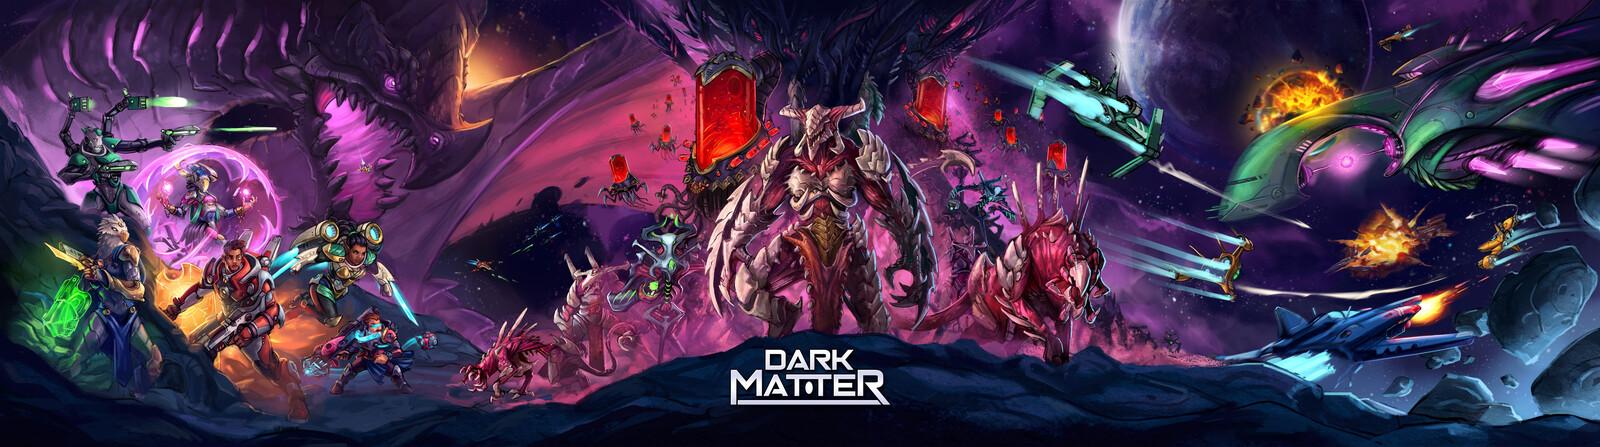 Dark Matter - DM Screen artwork